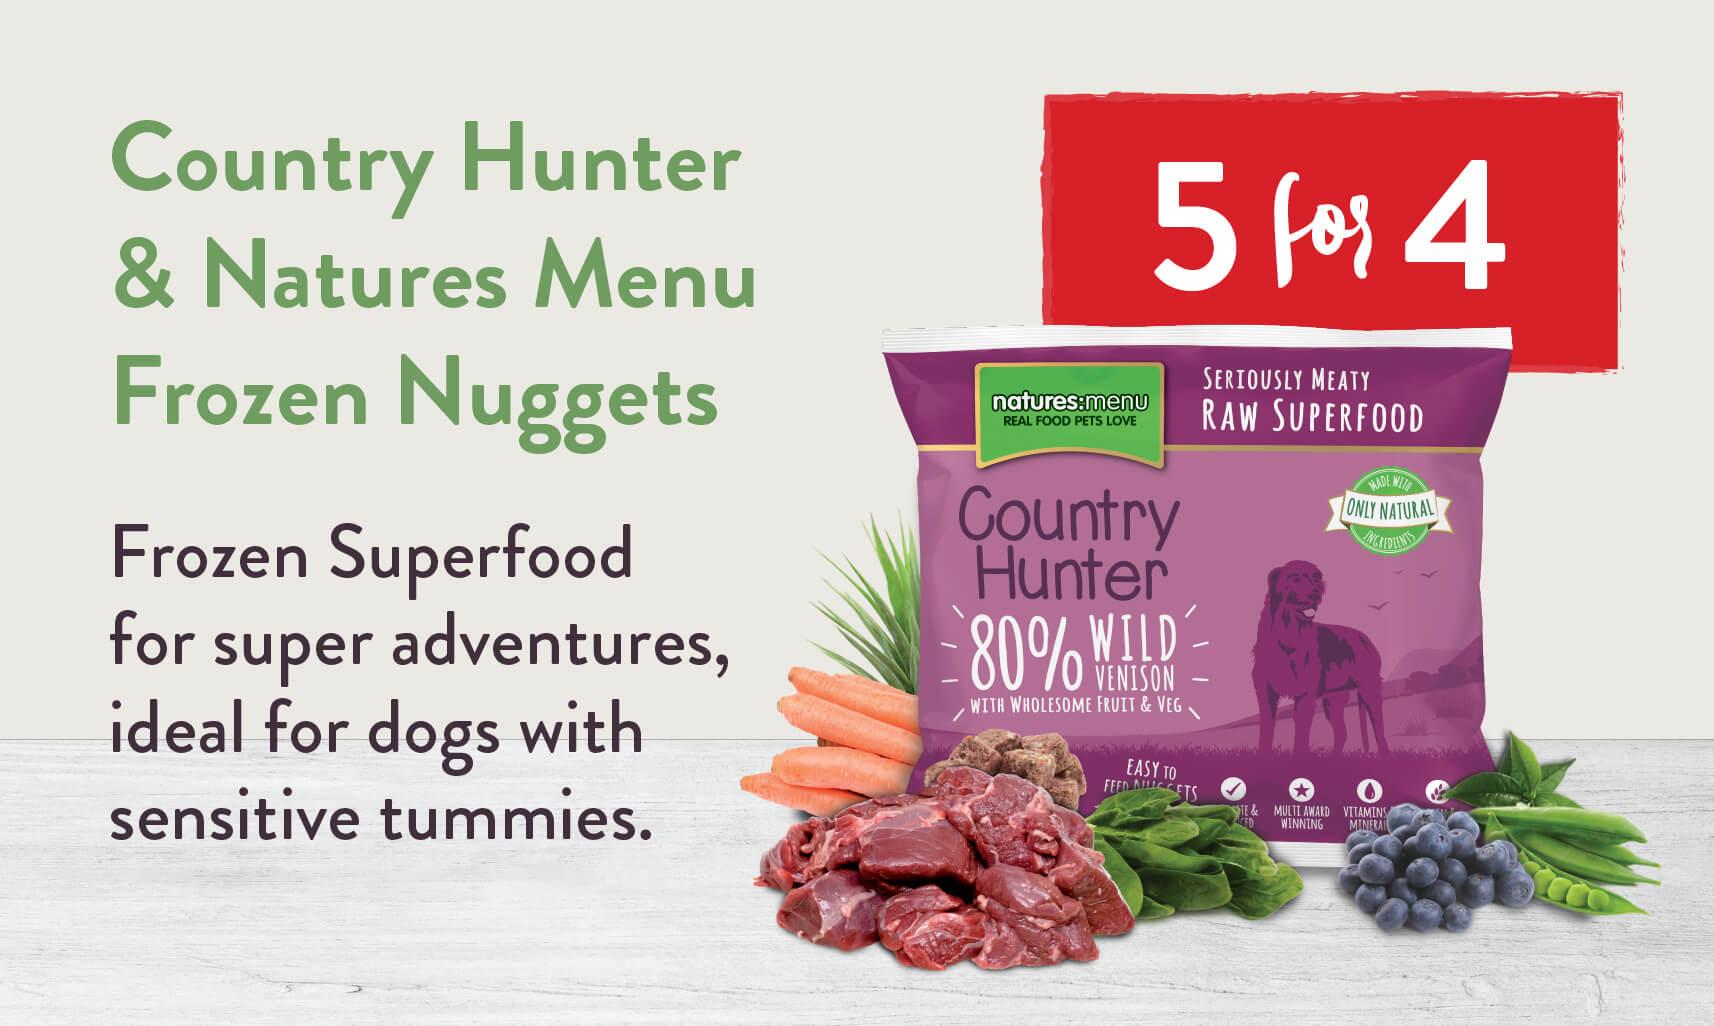 Natures Menu Frozen Dog Food - 5 for 4